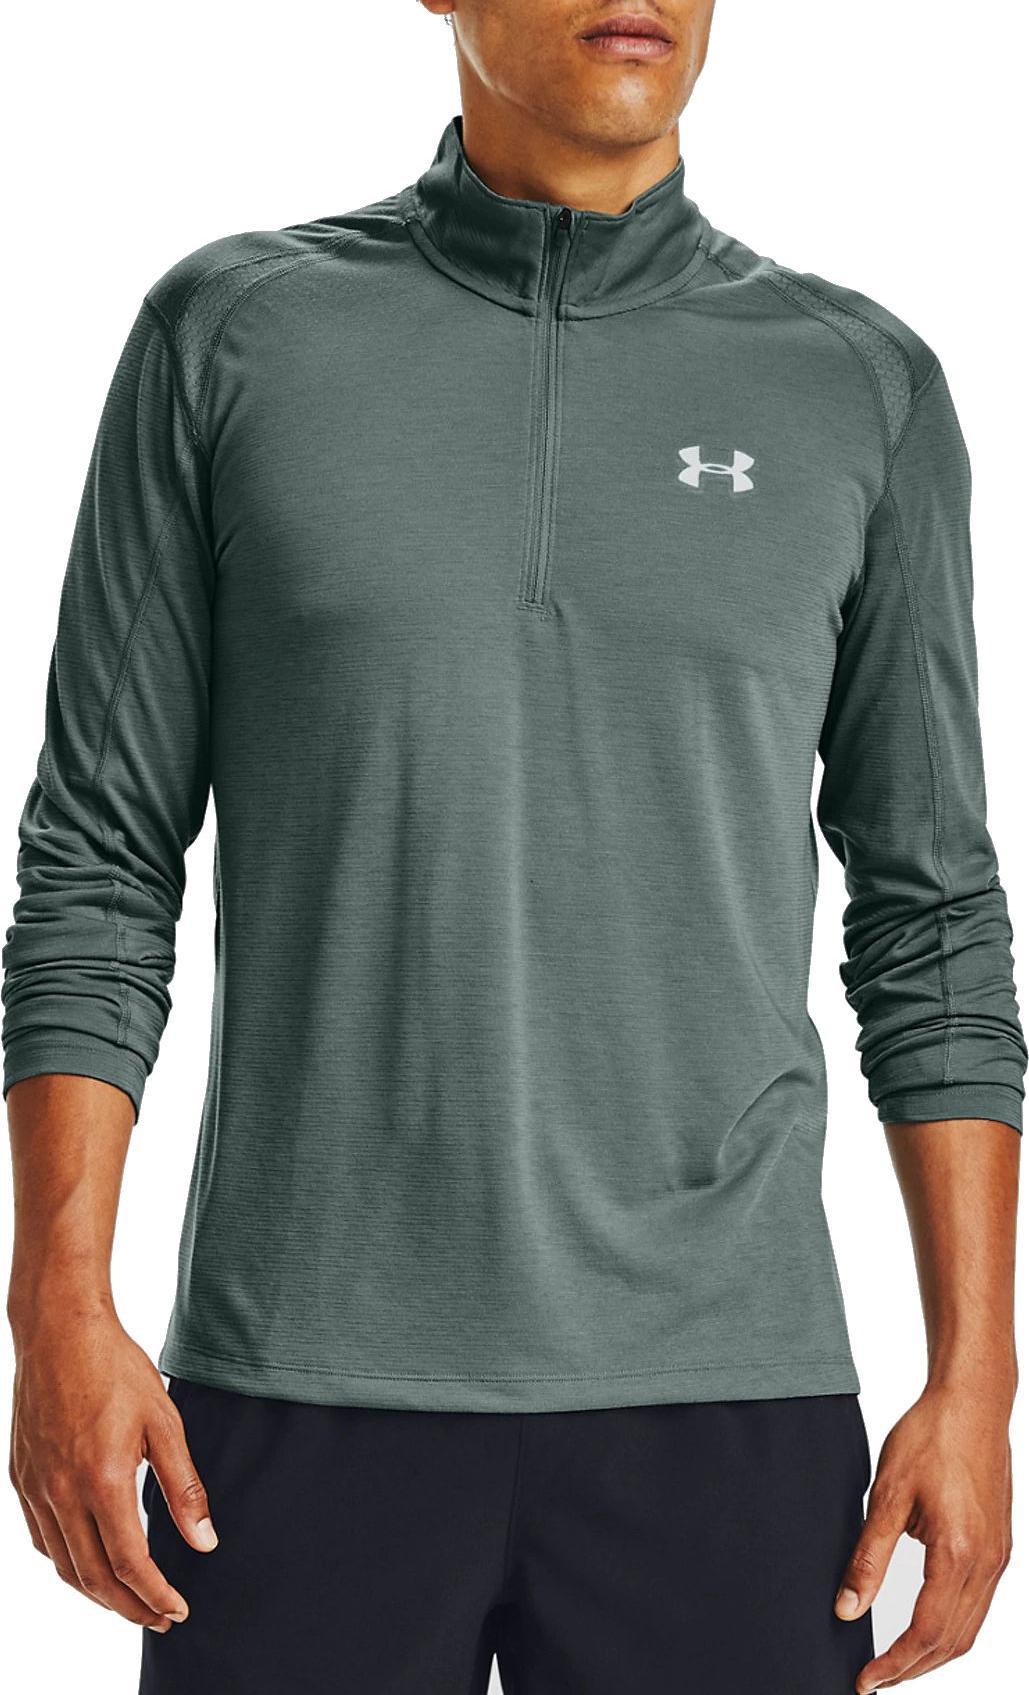 atmungsaktives Sportshirt mit Half Zip Under Armour Herren Streaker 2.0 Half Zip schnelltrocknendes Funktionsshirt mit Rei/ßverschluss